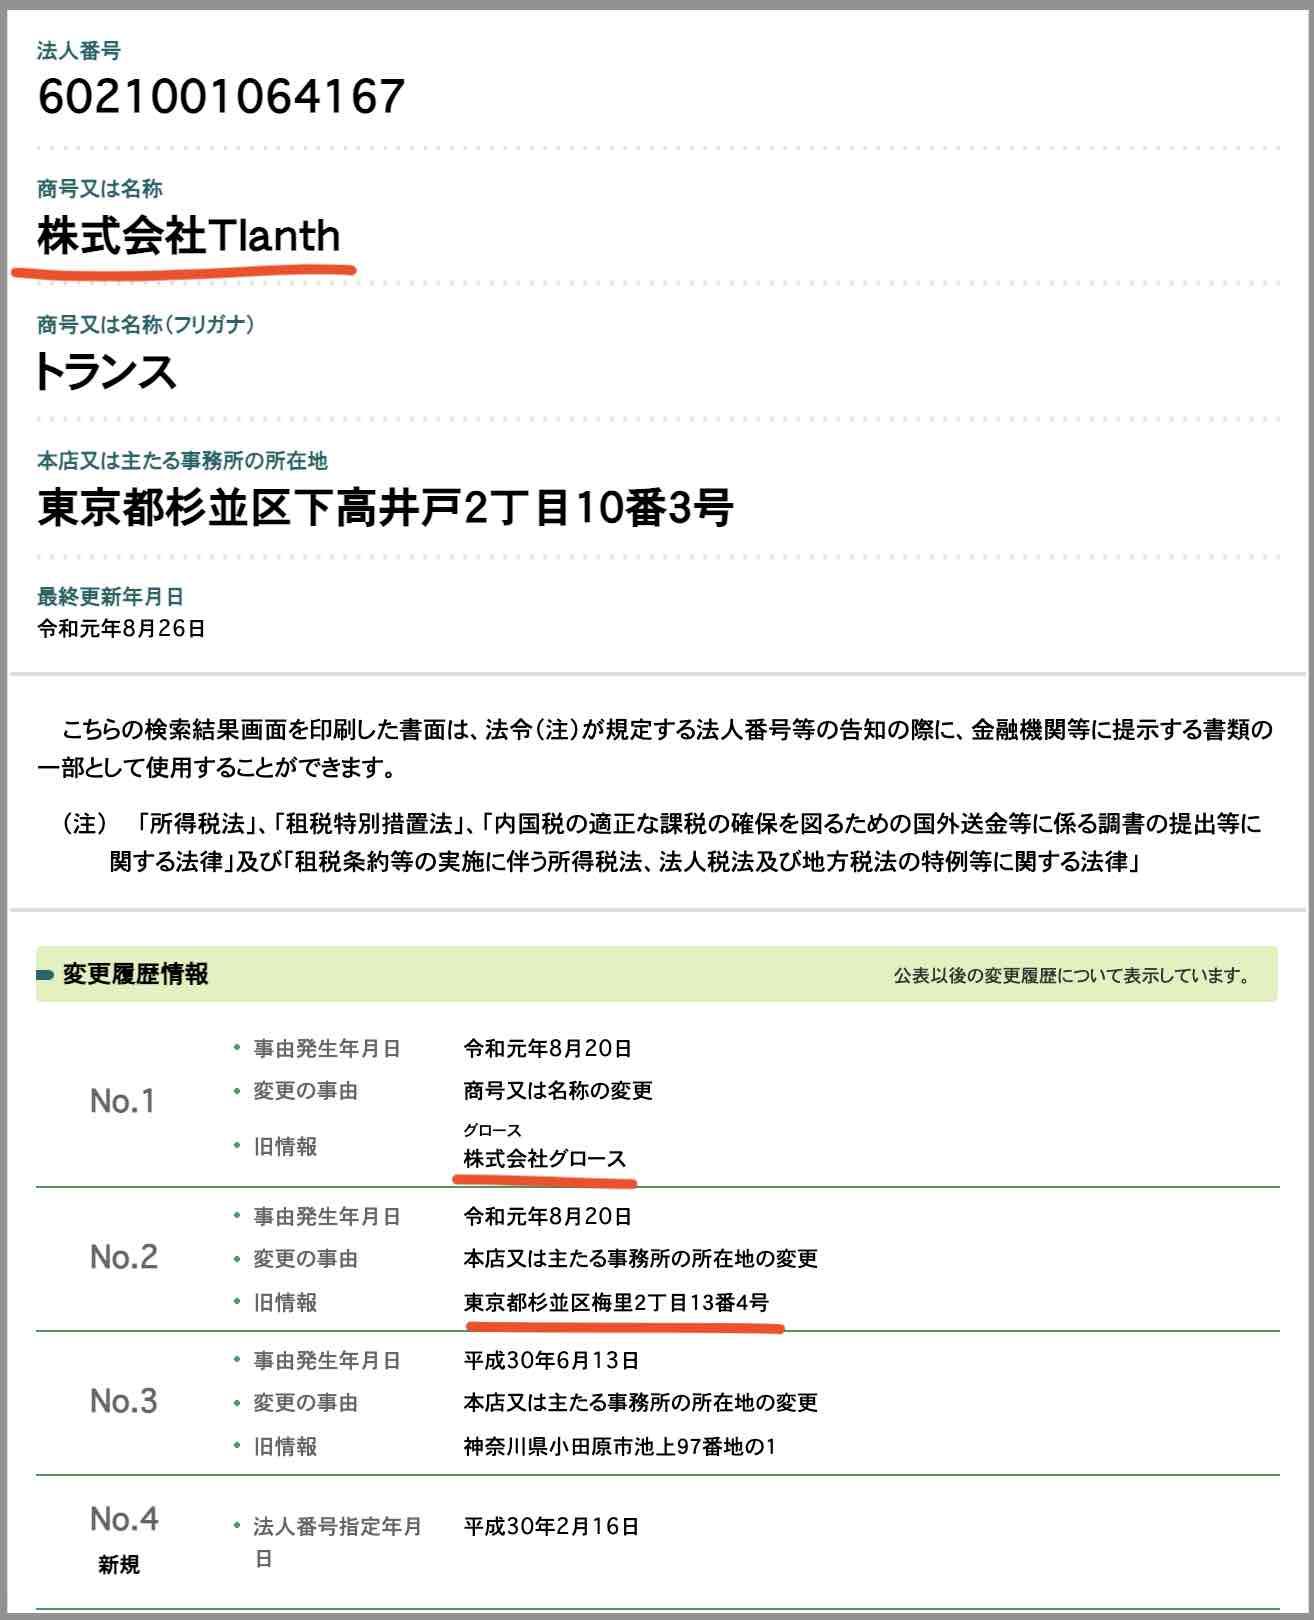 株式会社トランス(株式会社グロース)の運営社情報